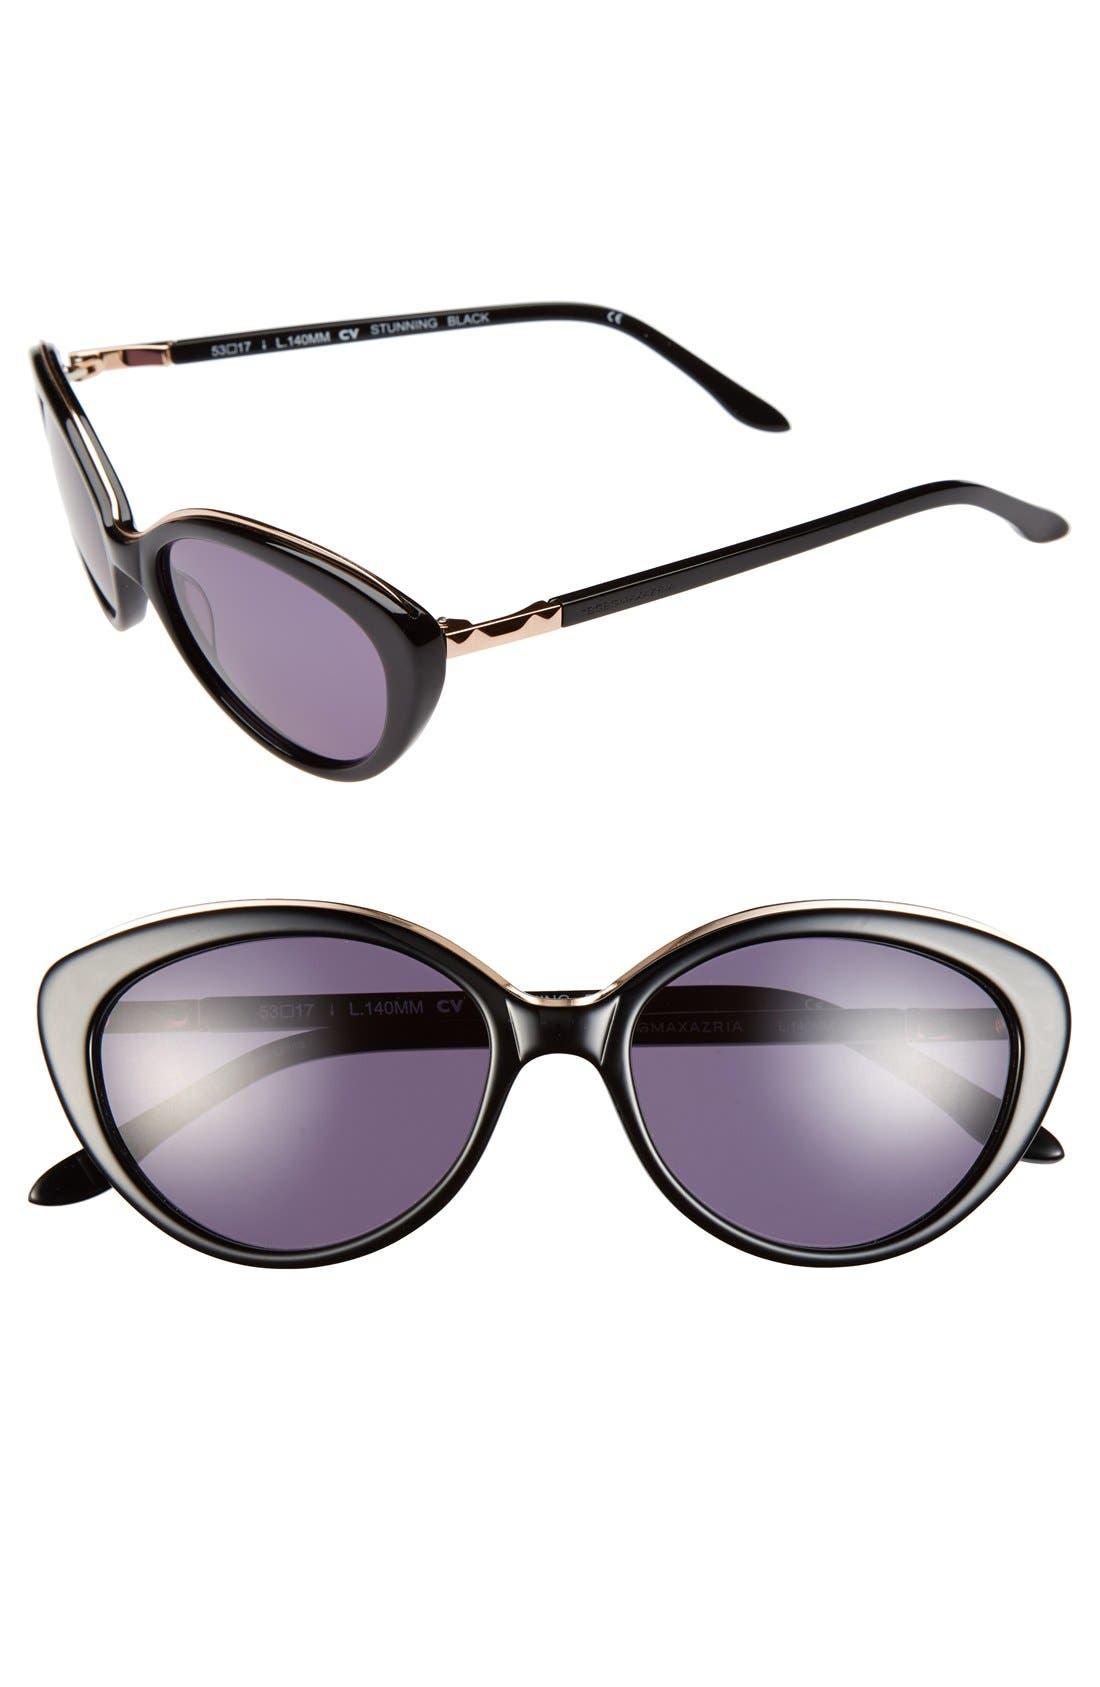 Main Image - BCBGMAXAZRIA 'Stunning' 53mm Cat Eye Sunglasses